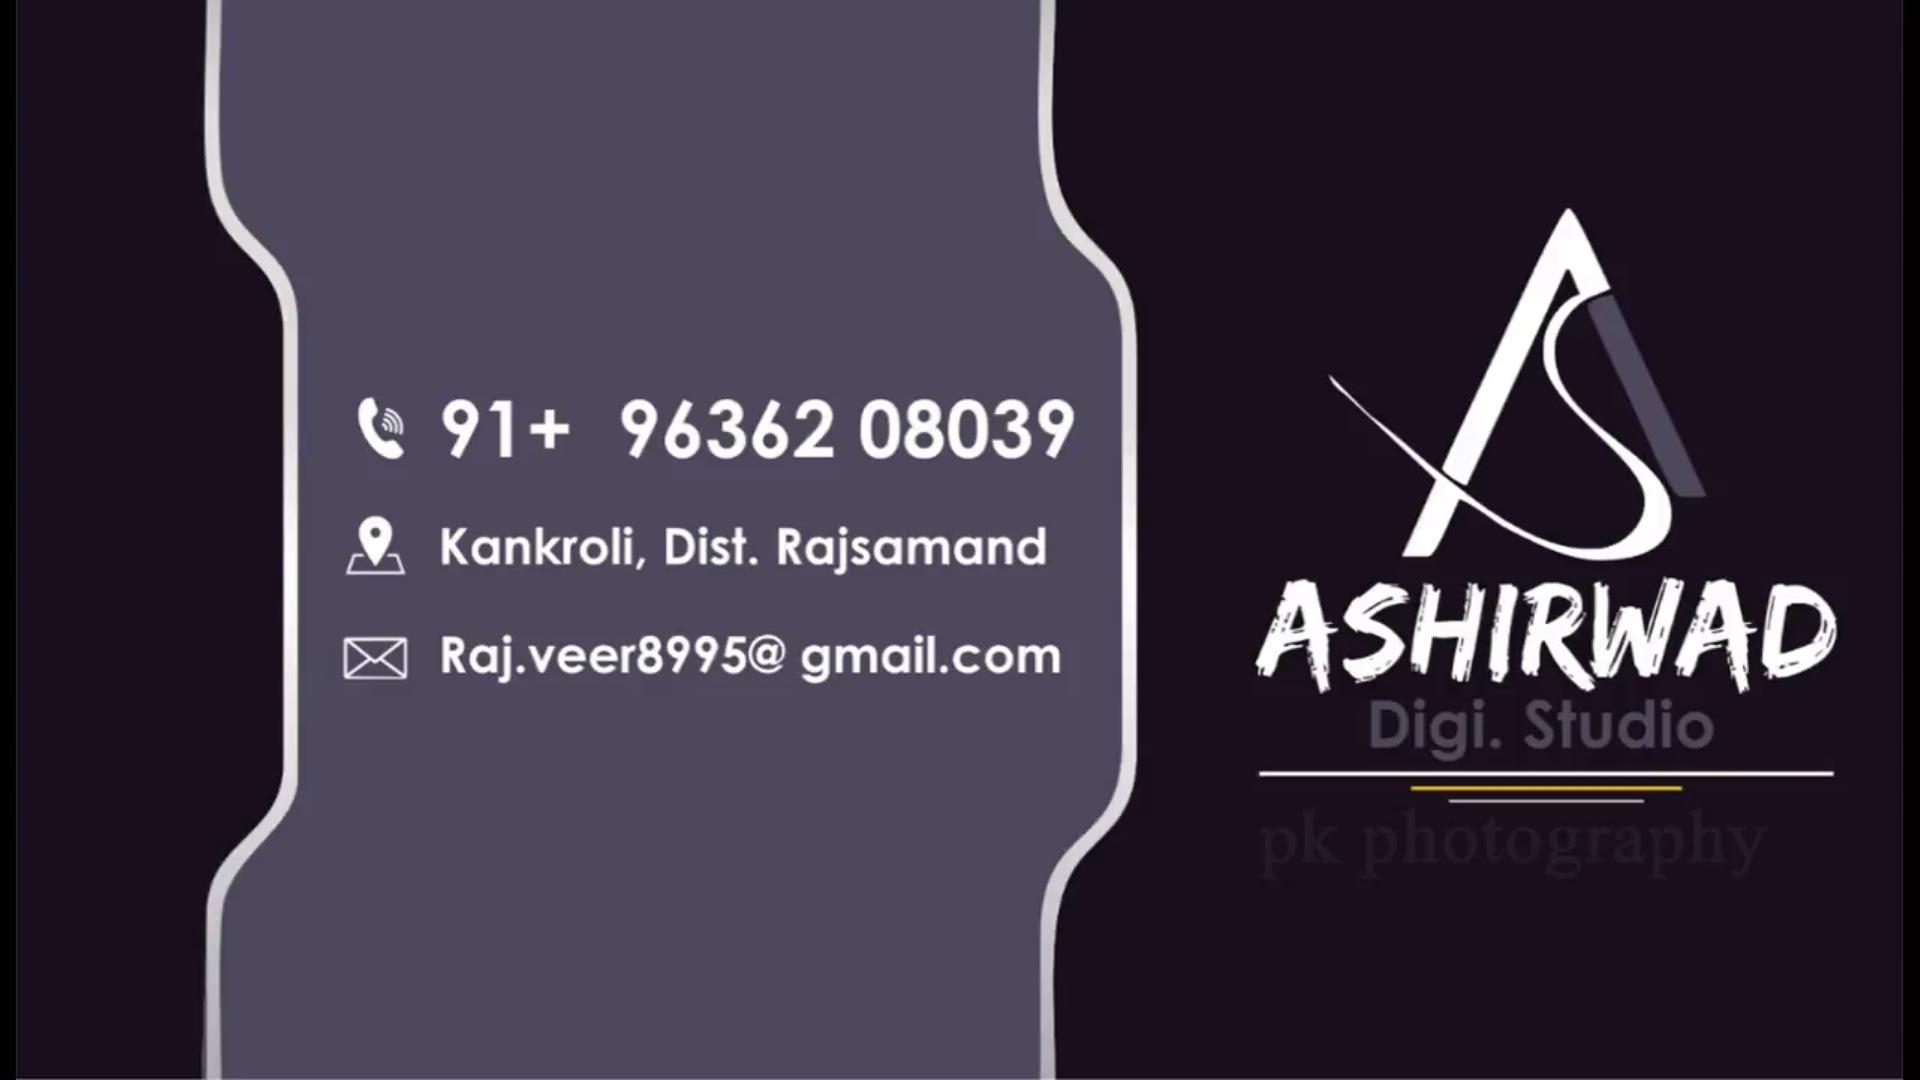 Ashirwad Digi studio